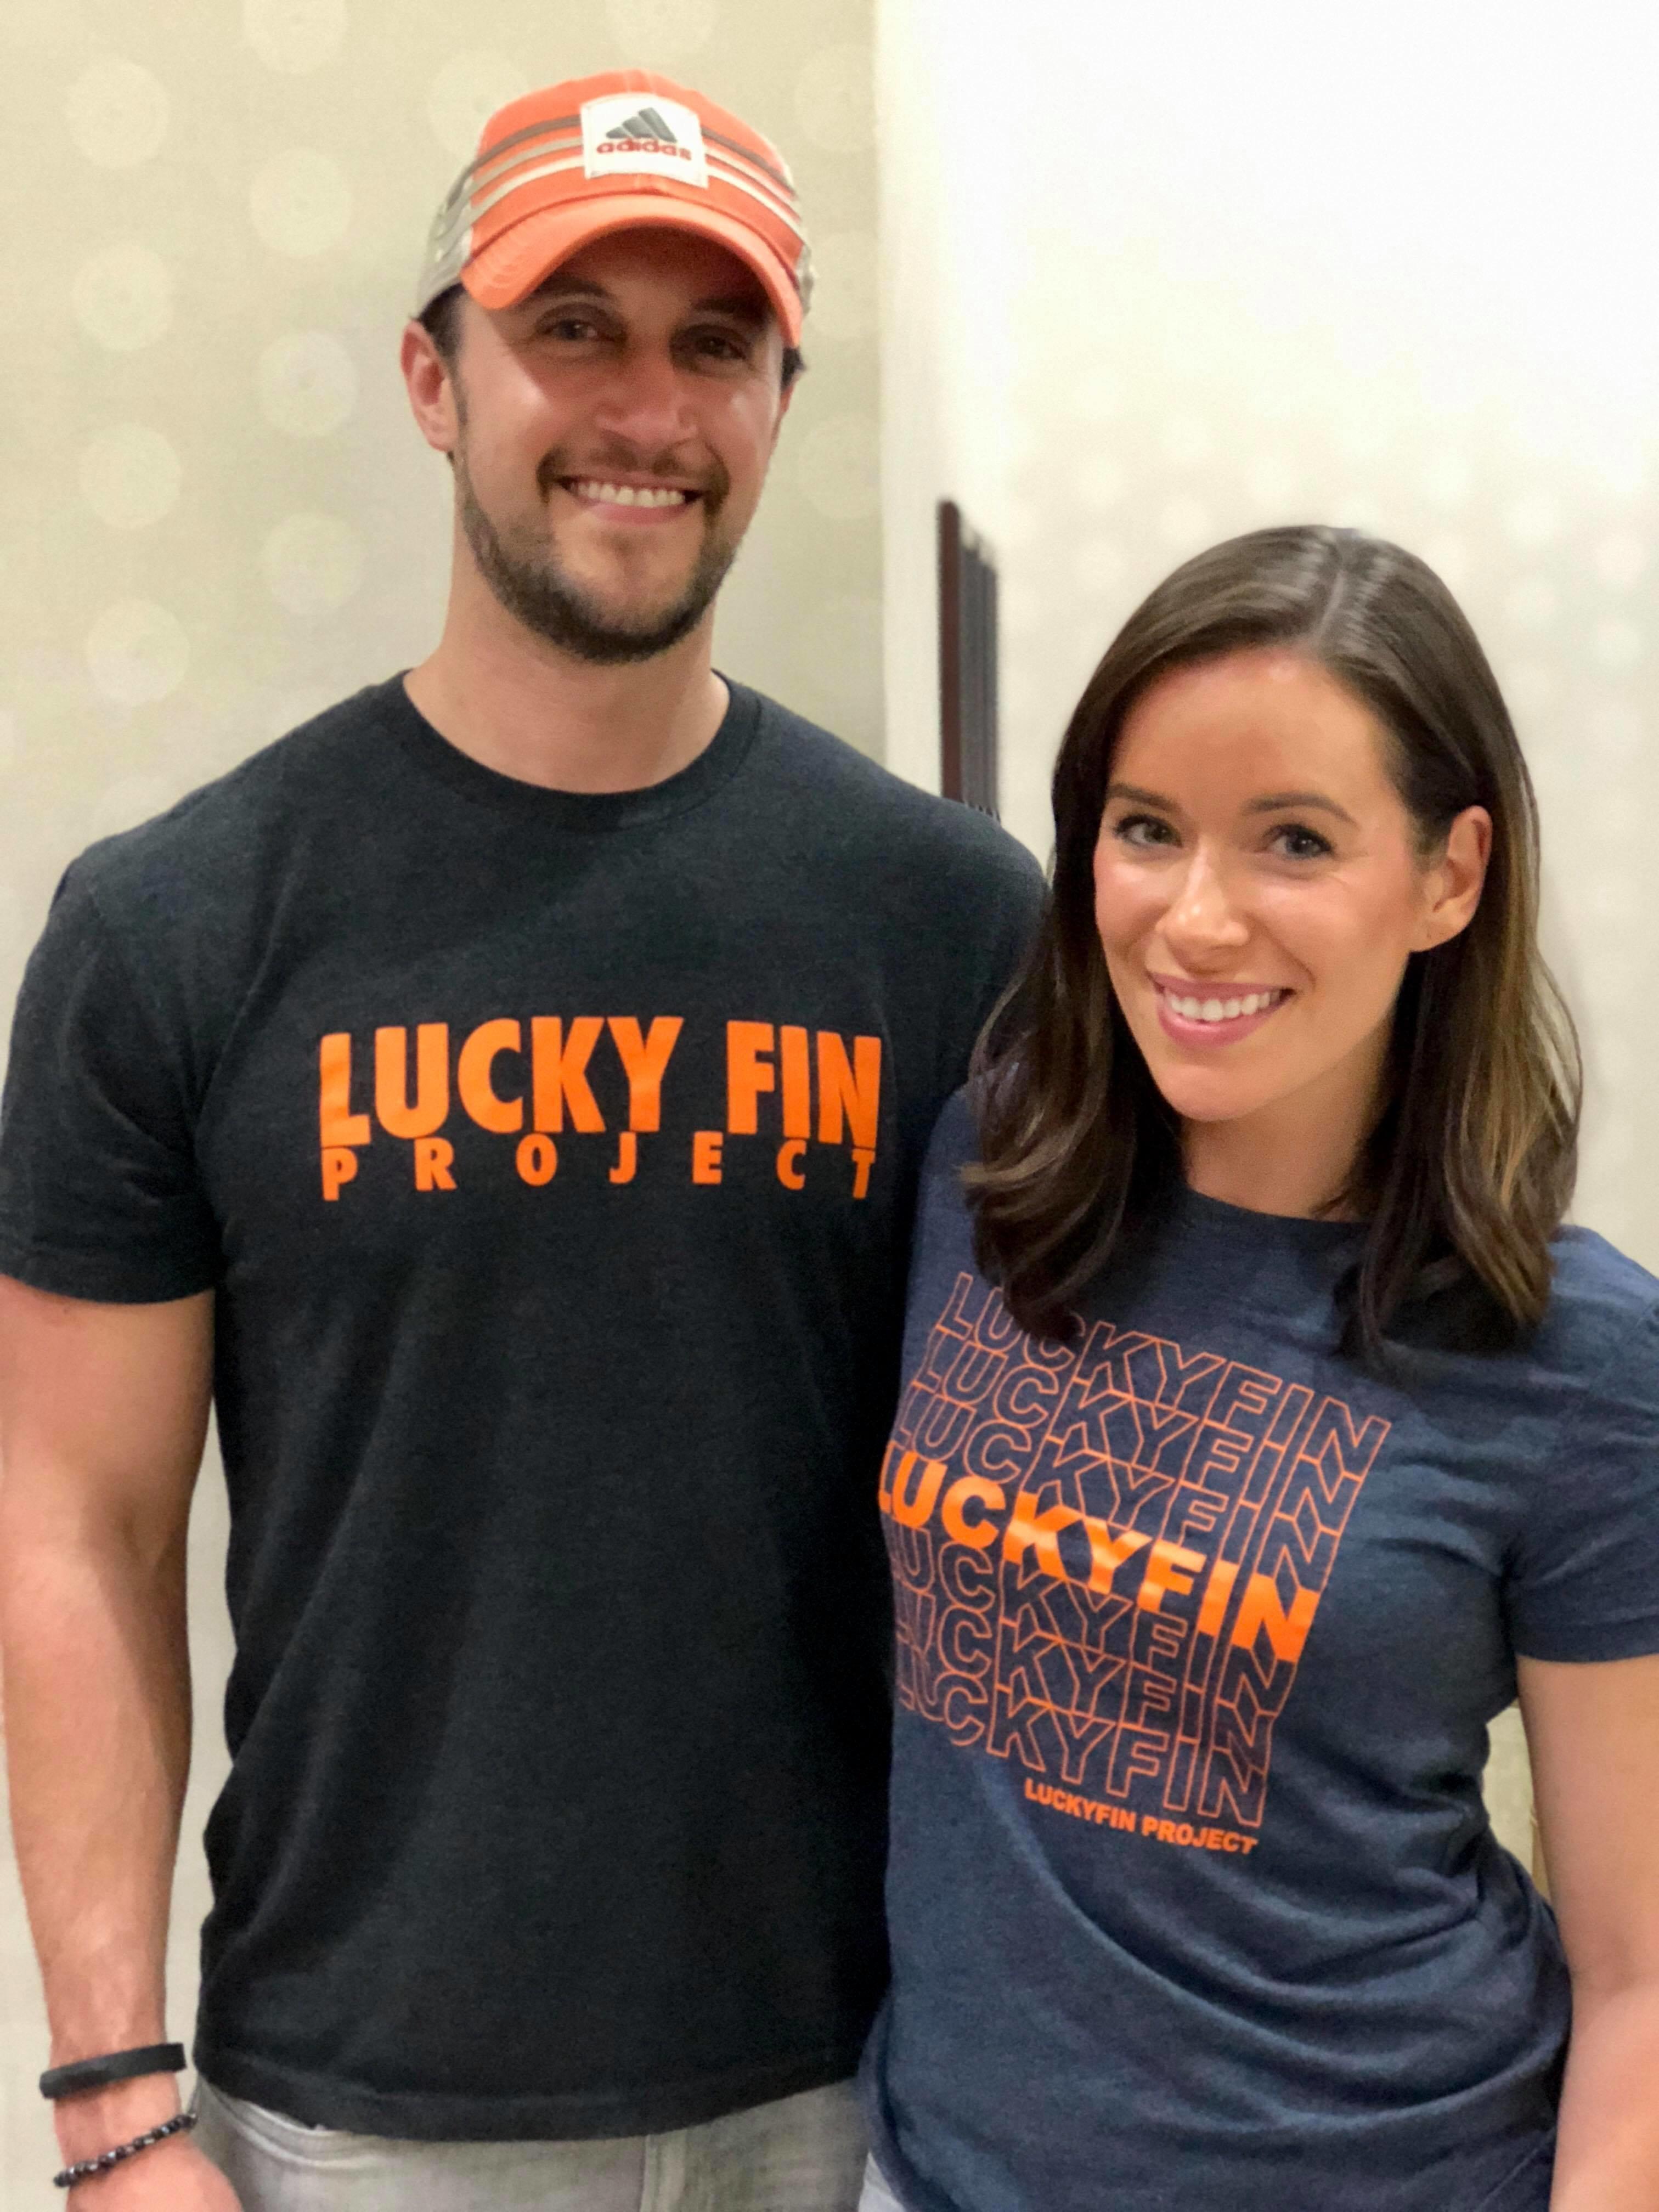 *NEW* Women's Cut Grocery Lucky Fin T-shirt GRO-WC